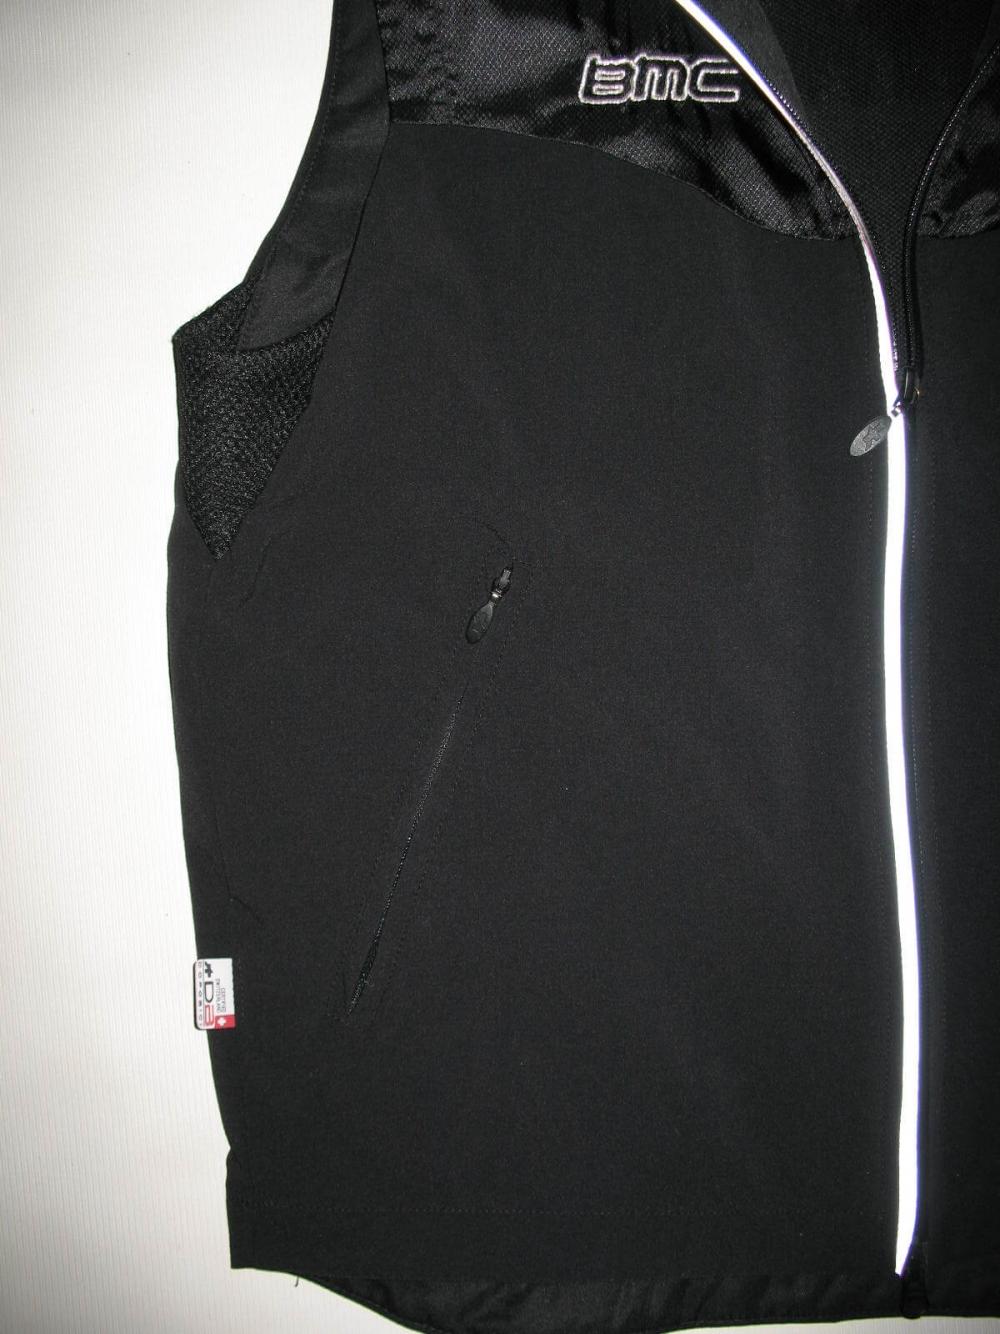 Жилет ASSOS bmc dopo bici DB8 insulator vest (размер M) - 7